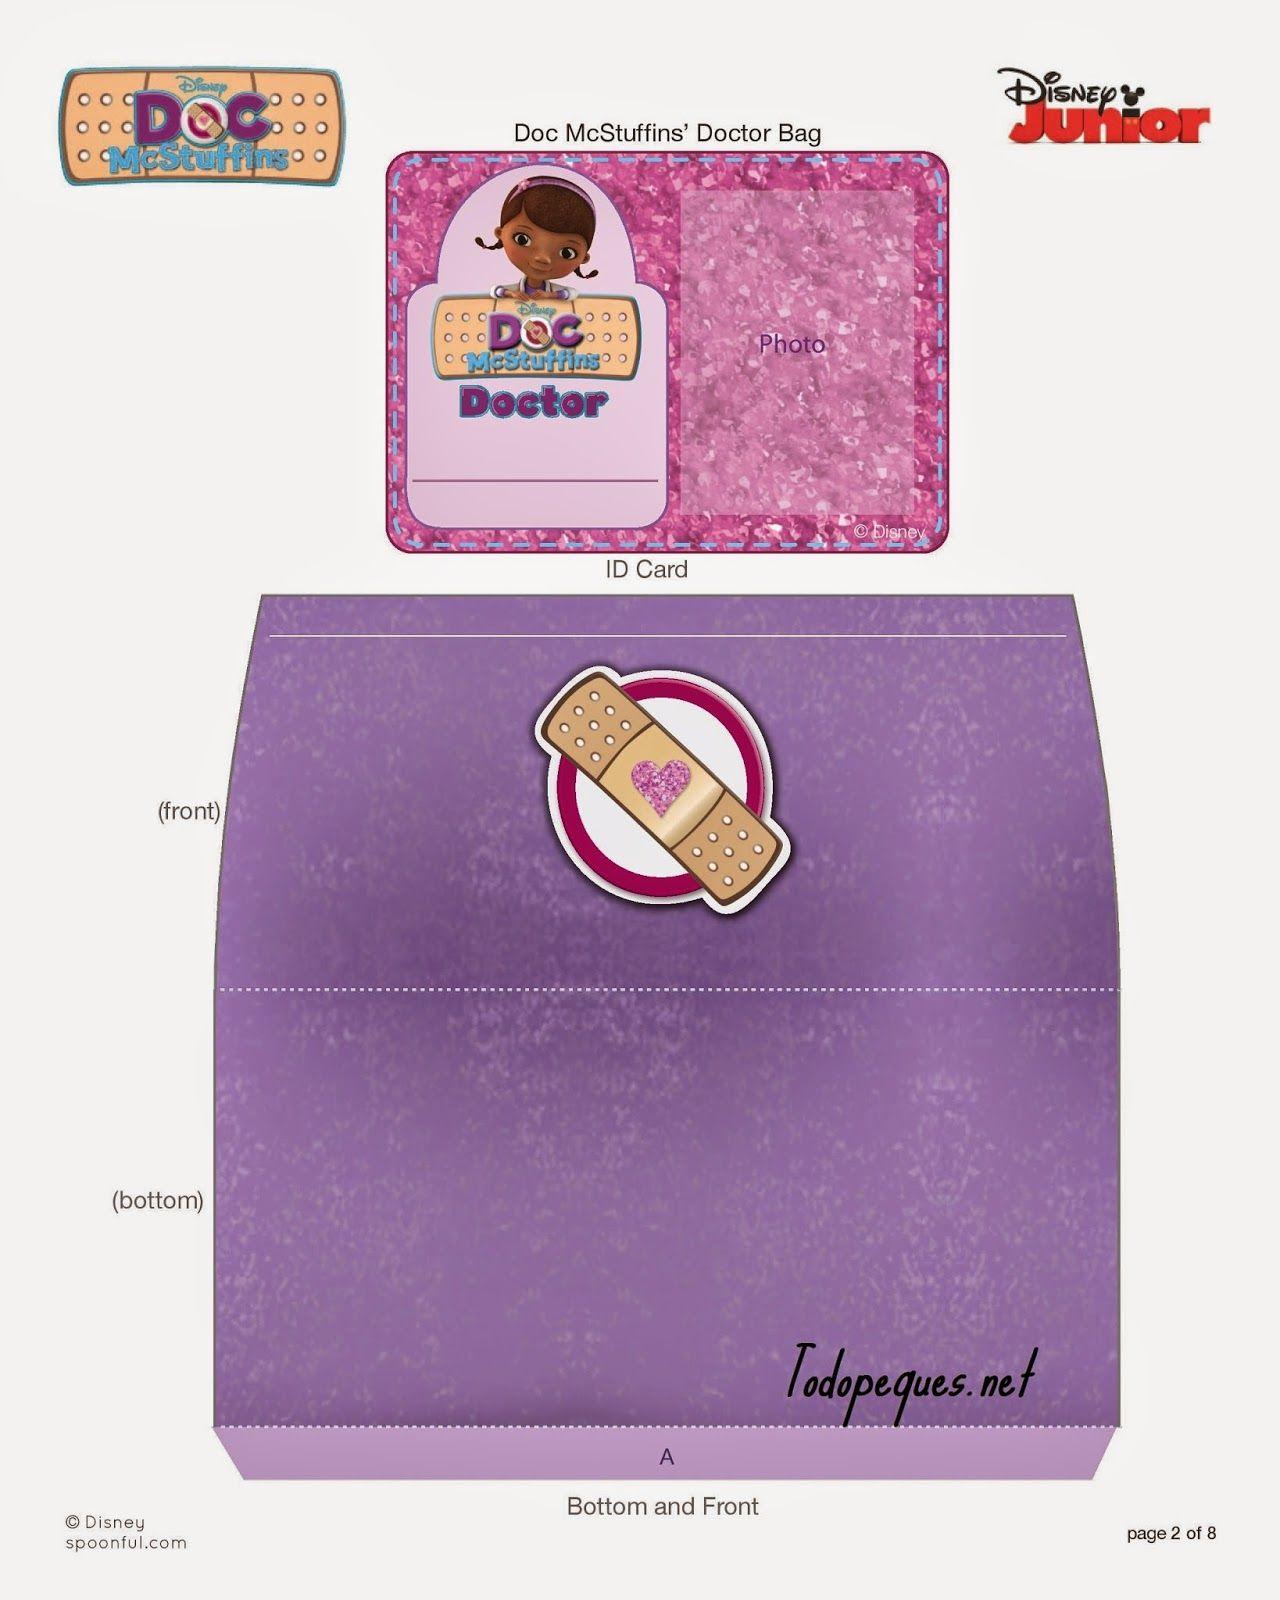 Doc Mcstuffins Doctor Kit Bandages Spf Printable 0312 Page 002 Jpg